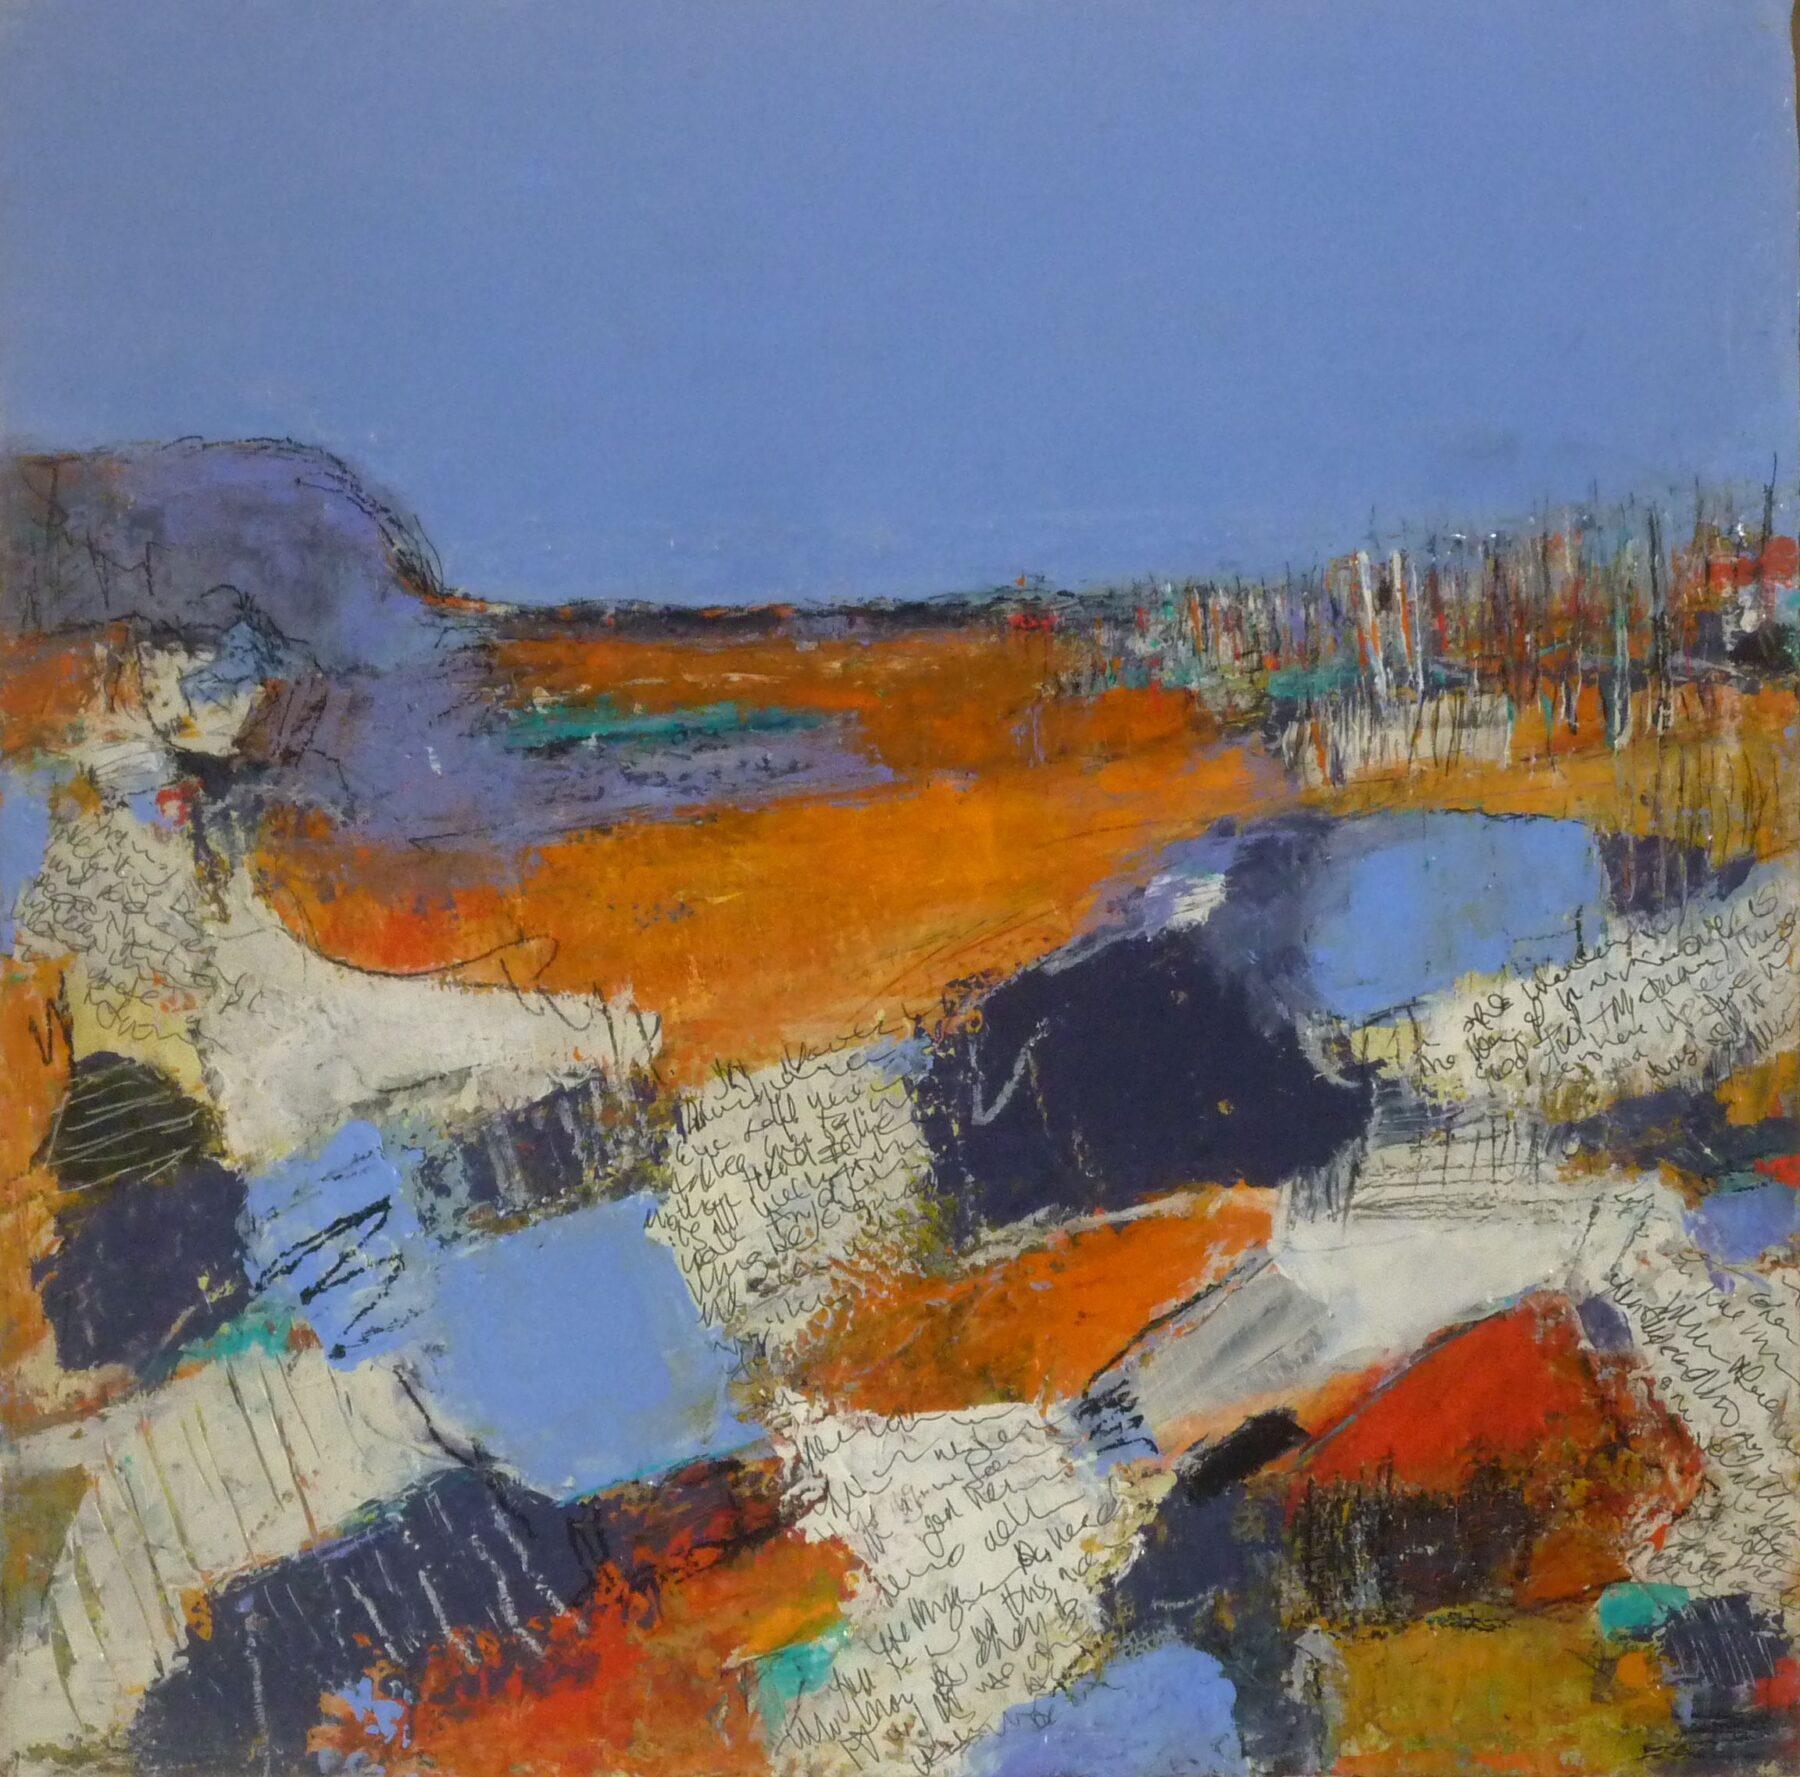 Jacaranda Hills  40x40cm Acrylic/Mixed Media on Canvas $850